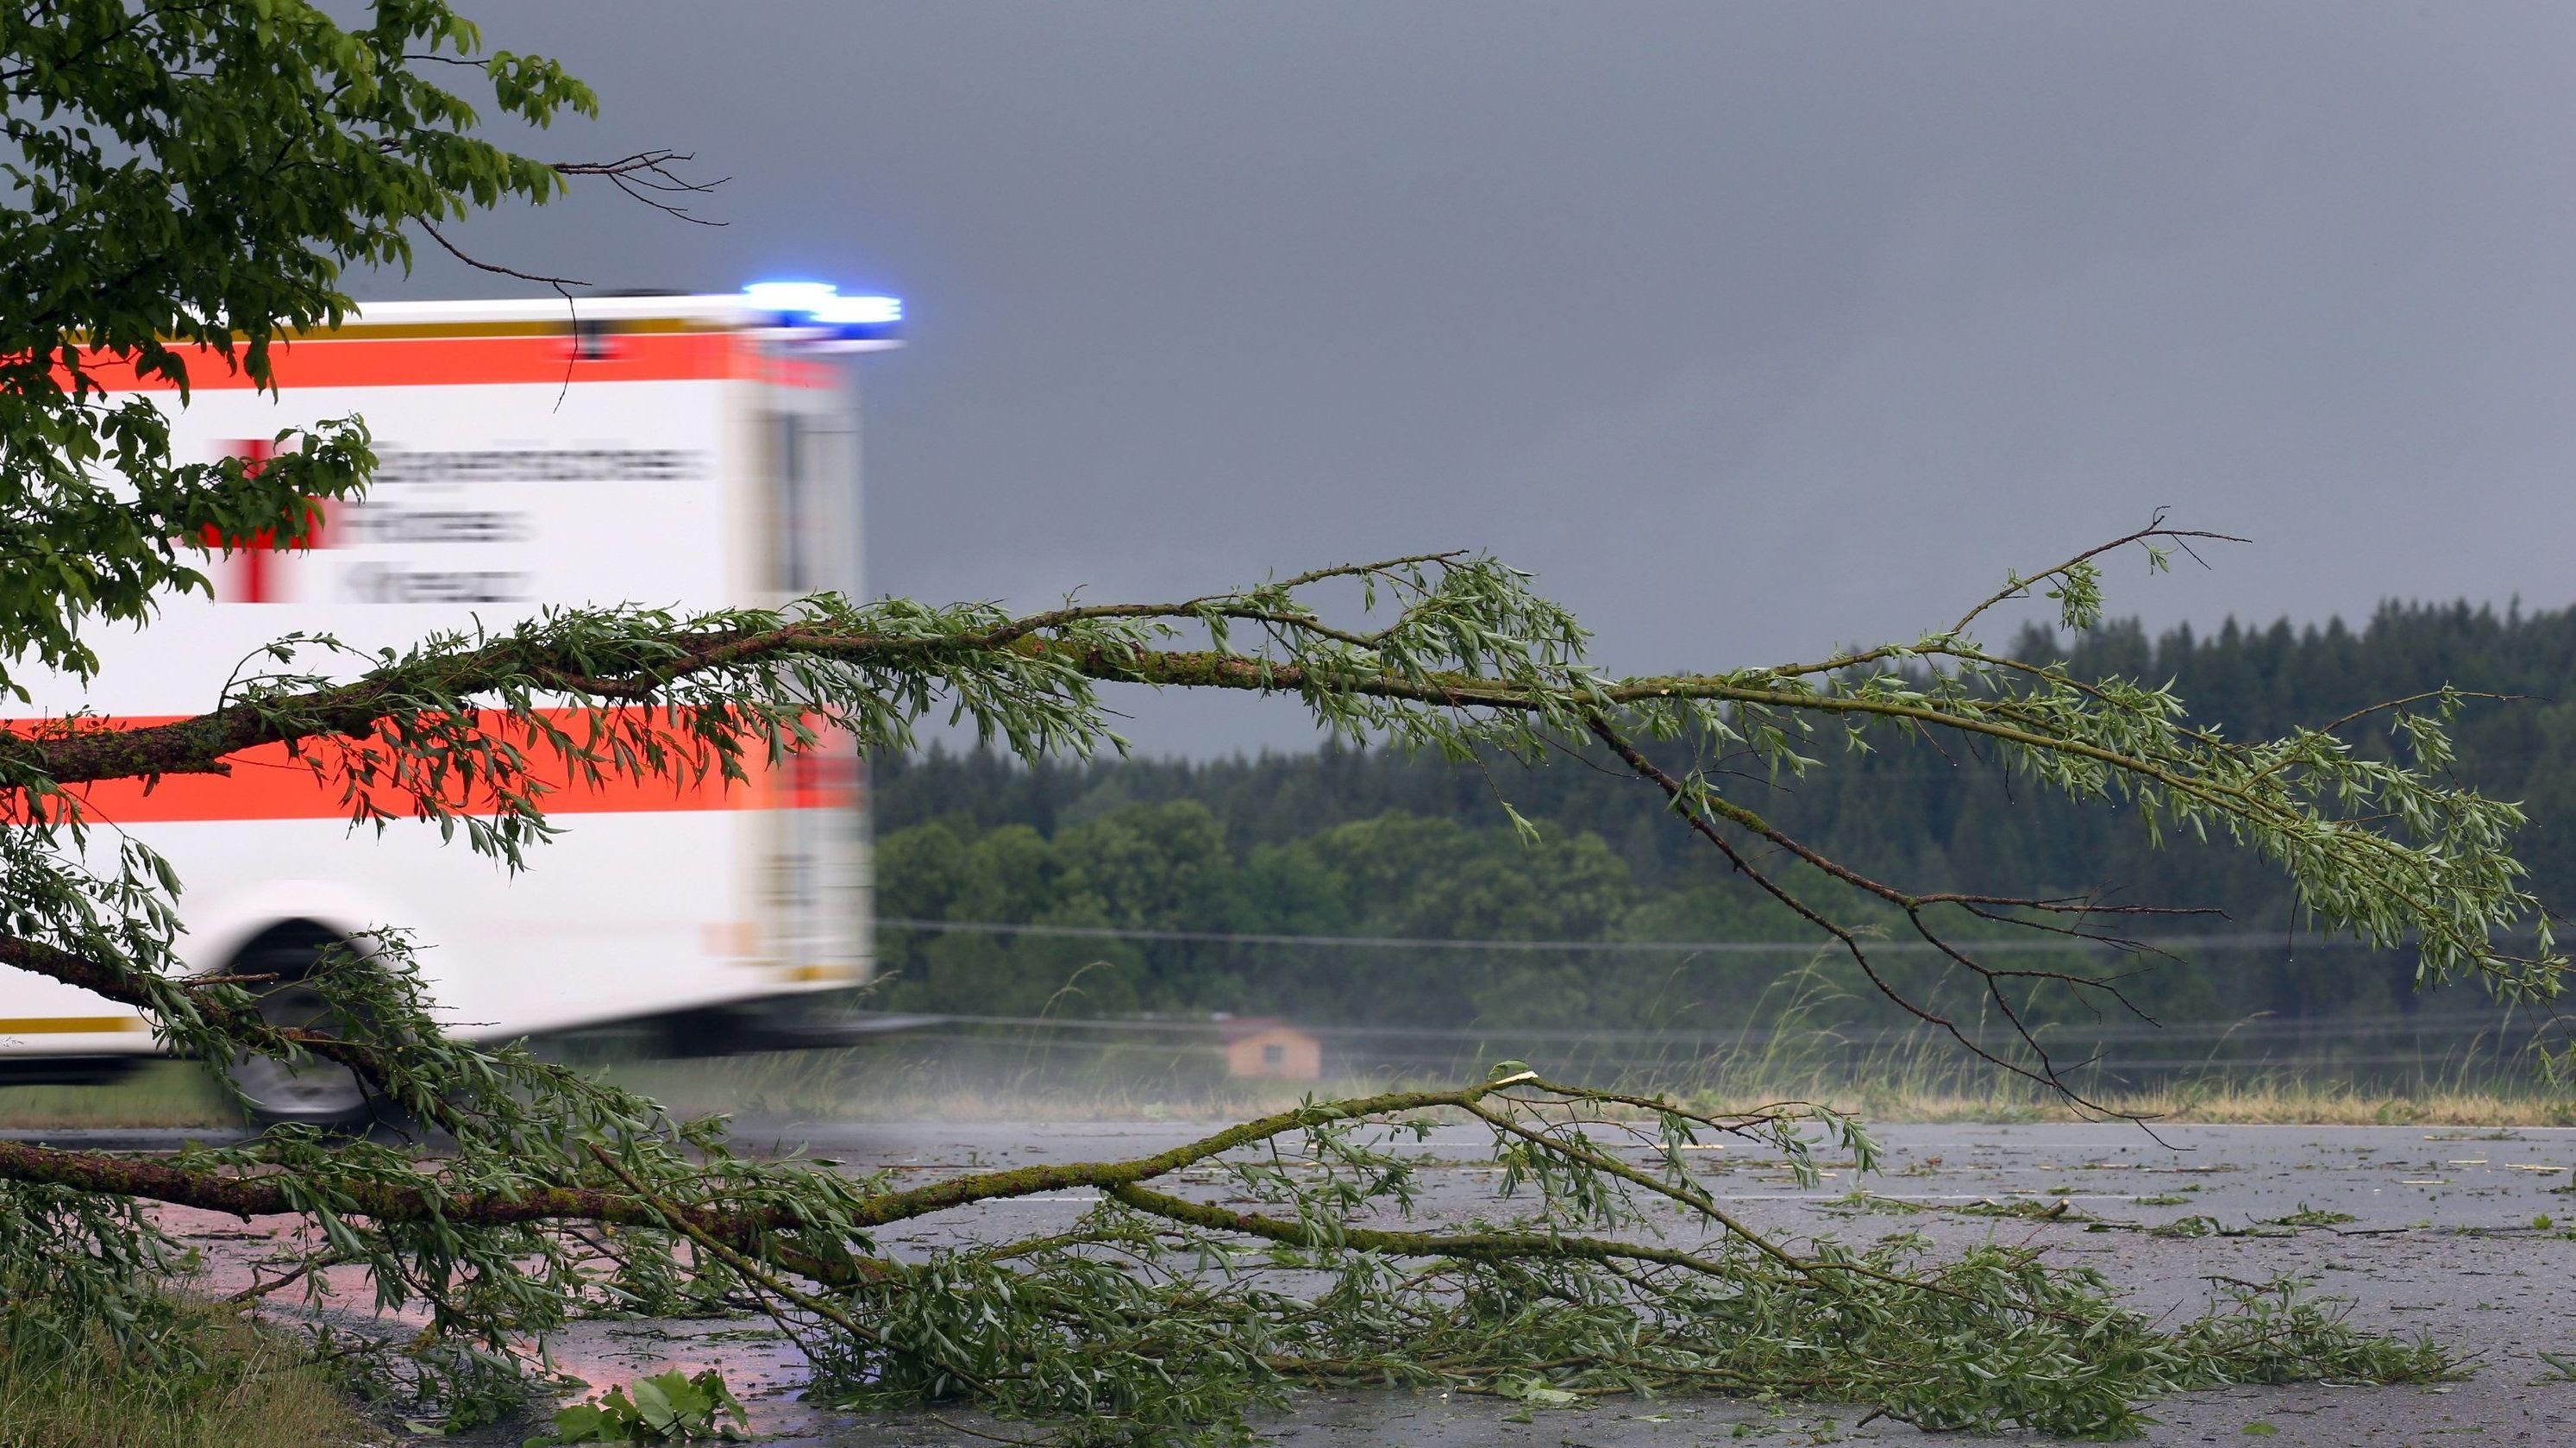 Heftige Gewitter mit Sturmböen, Starkregen und Hagel sind am Montagabend über Südbayern gezogen. Mehrere Menschen wurden durch umstürzende Bäume oder Hagelschlag verletzt.